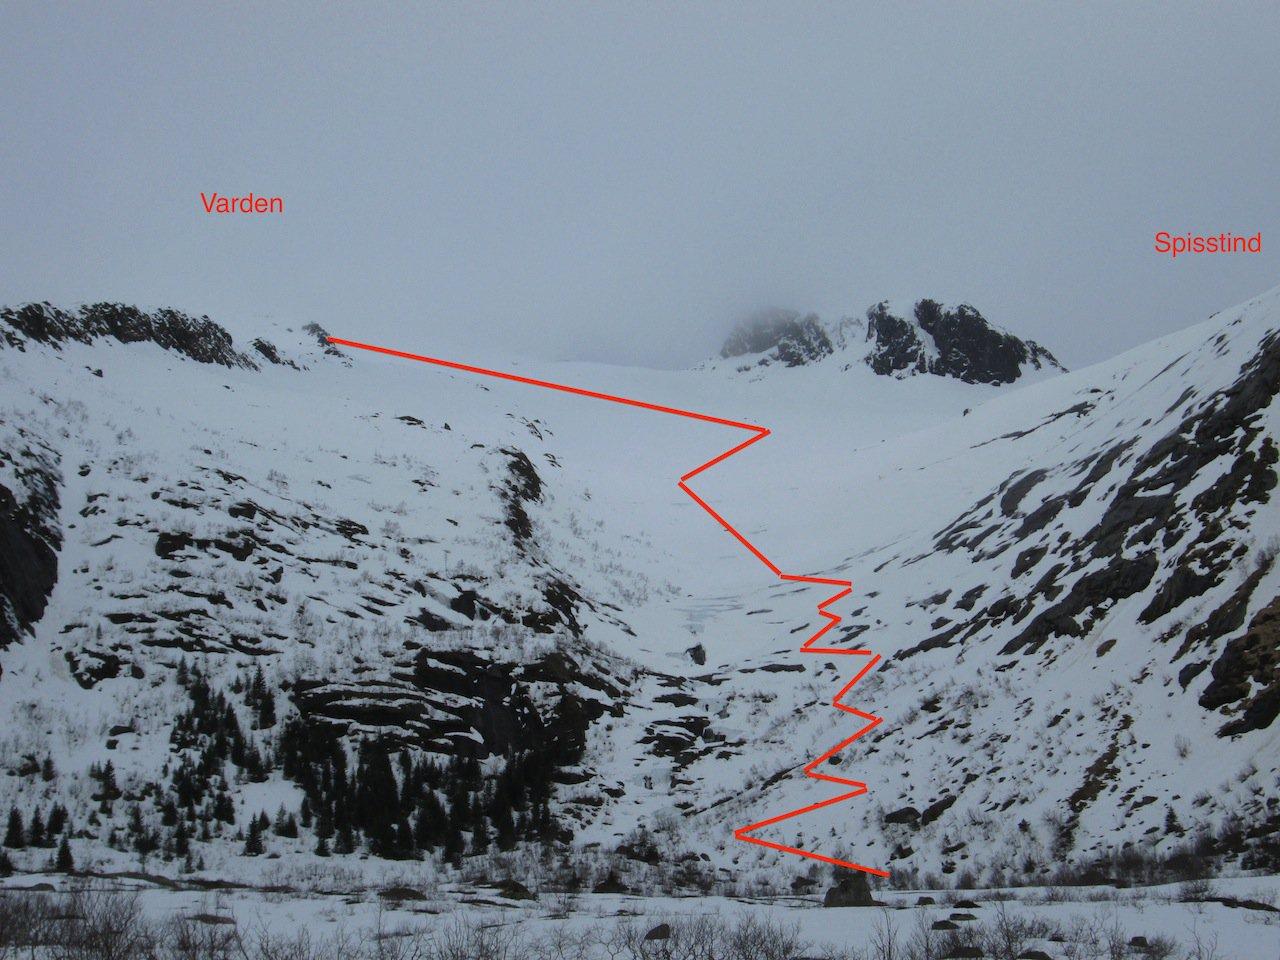 La parte bassa dell'itinerario sopra il poligono di tiro. Sono indicate le posizioni delle vette (nella nebbia)